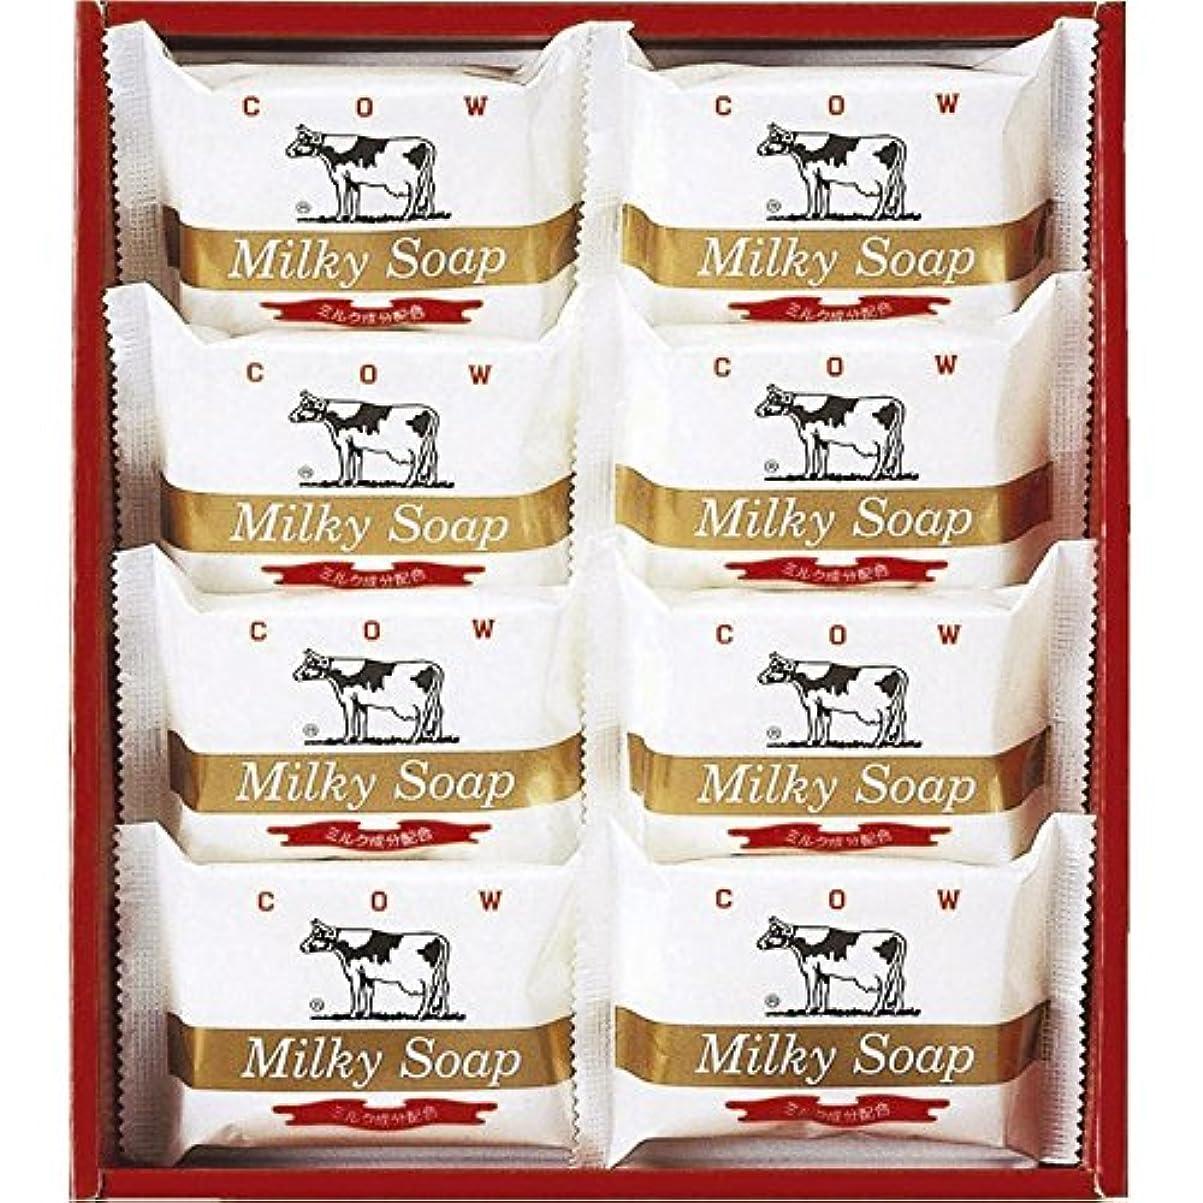 農業の嫉妬教育者牛乳石鹸 ゴールドソープセット 【固形 ギフト せっけん あわ いい香り いい匂い うるおい プレゼント お風呂 かおり からだ きれい つめあわせ かうぶらんど 1000】